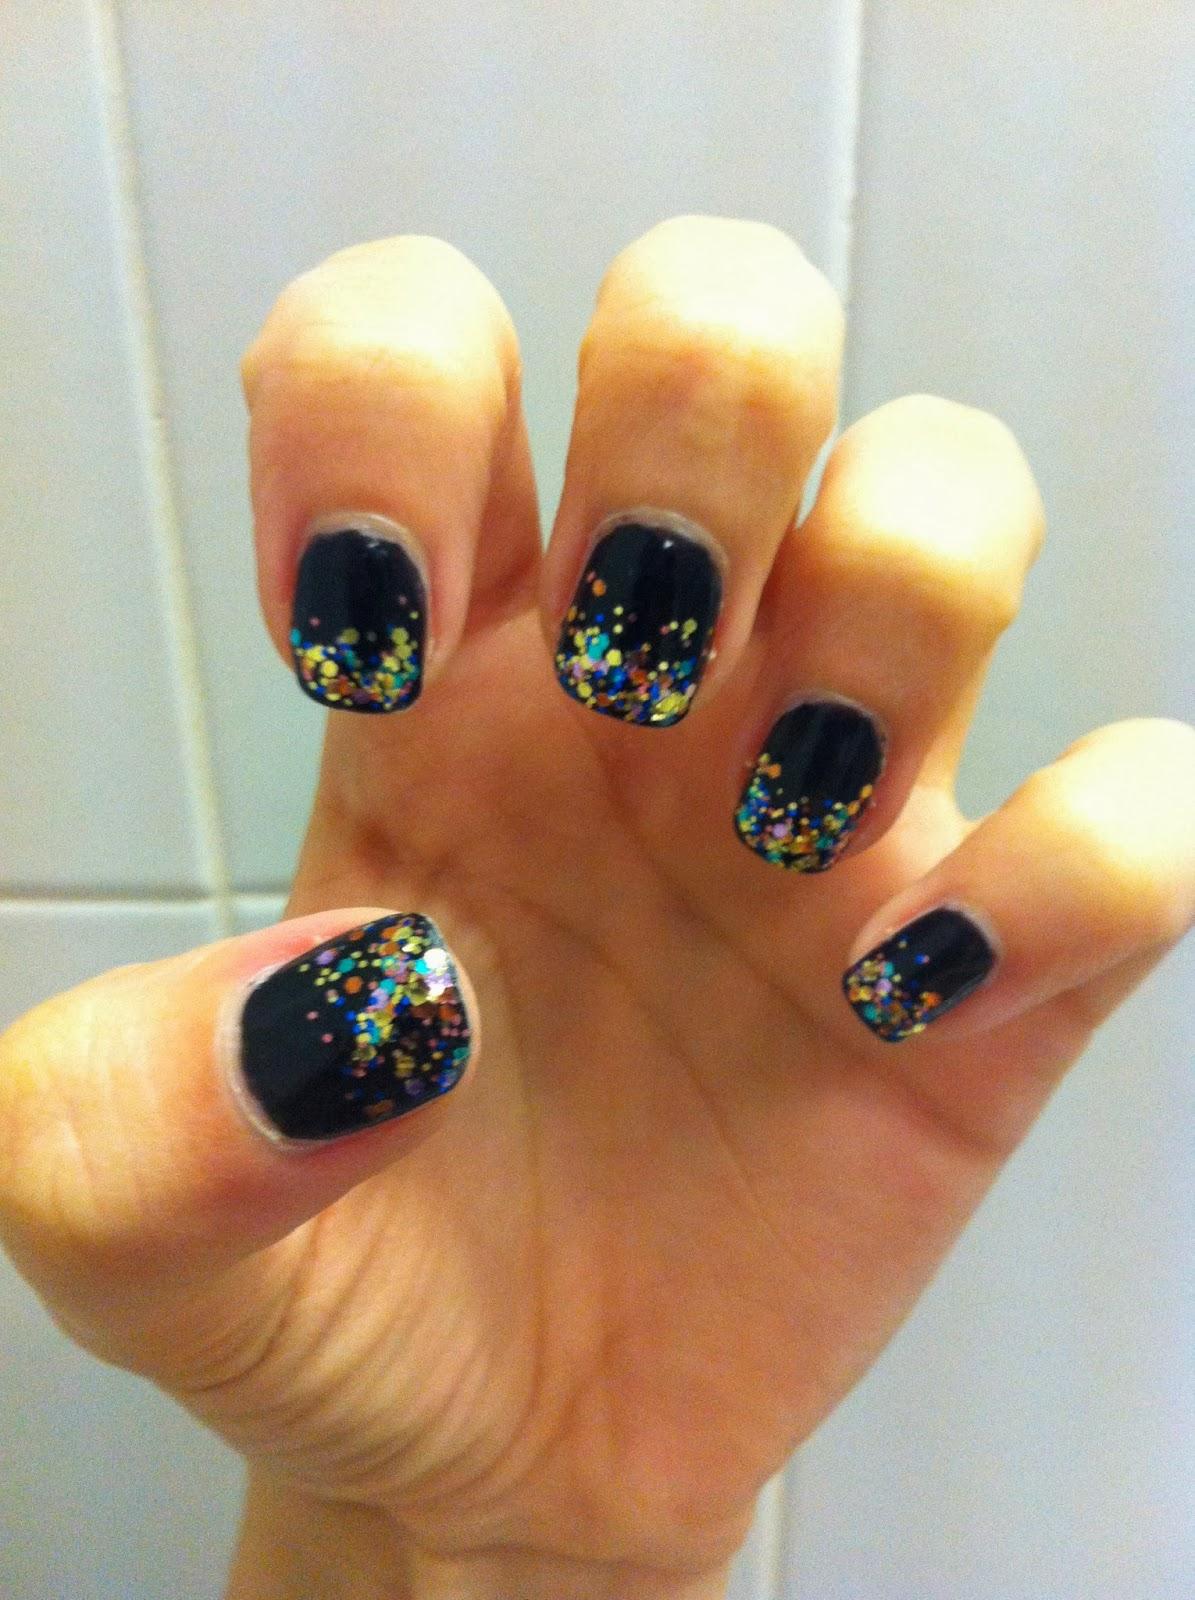 Something Kinda Cloughton: Manicure Monday 5: Black Nails